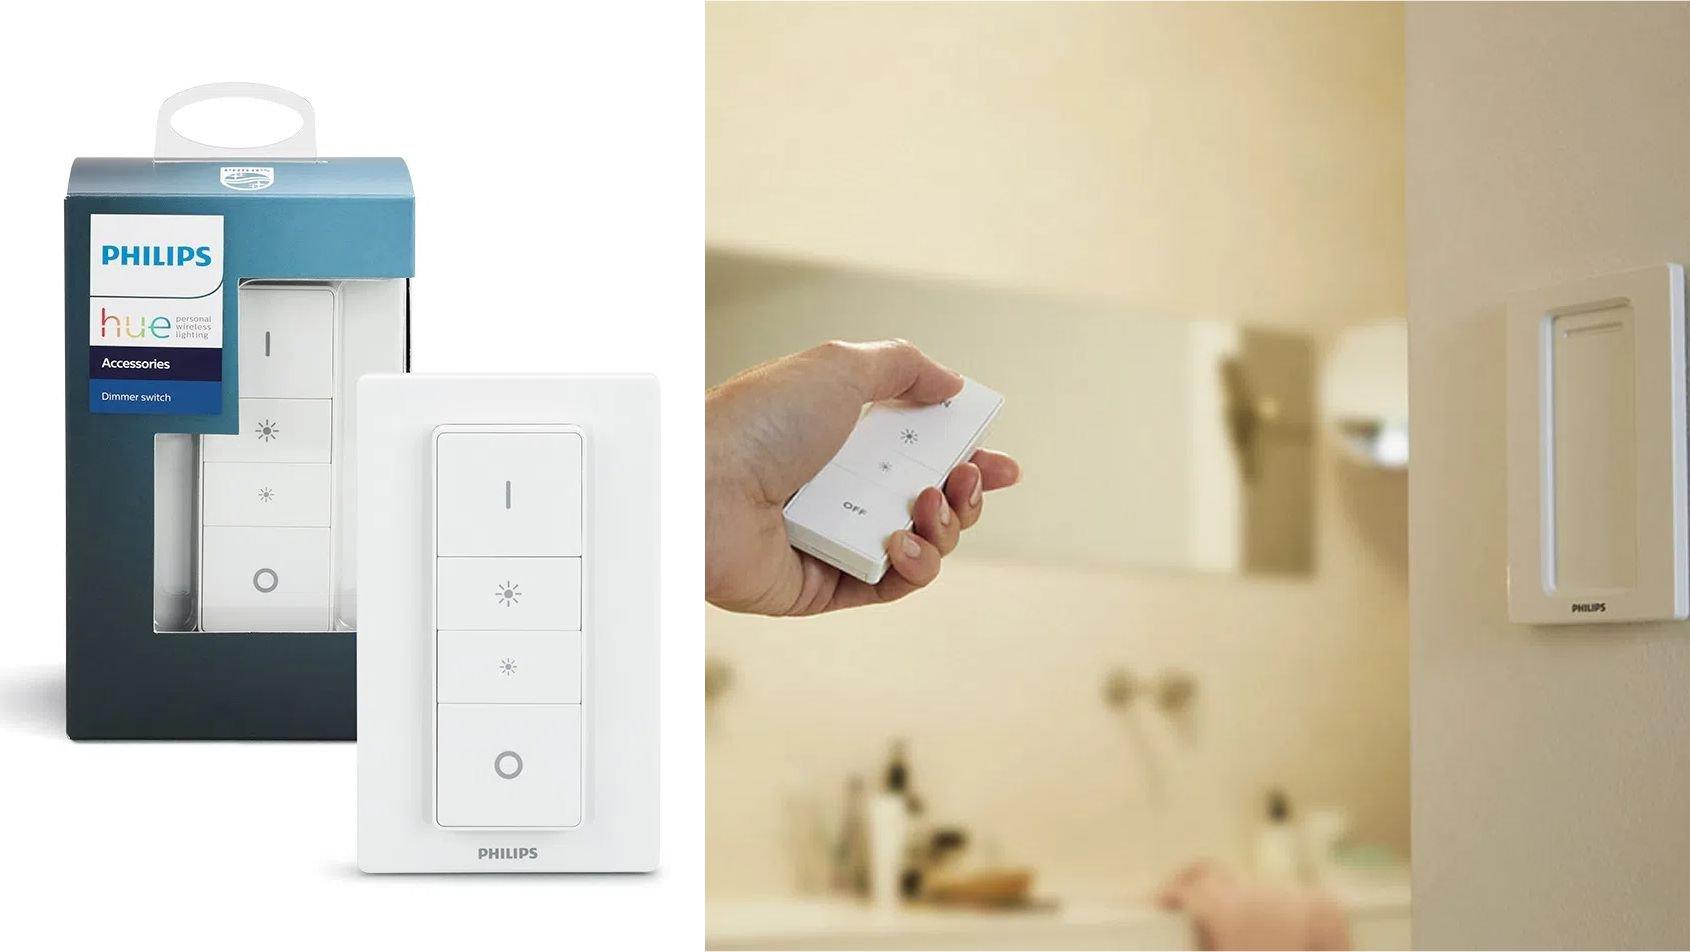 Review: philips hue dimmer switch é ideal para controlar a intensidade de suas lâmpadas. O interruptor inteligente da philips permite o controle da intensidade de todas as luzes conectadas a hue bridge, mas será que vale a pena? Confira em nossa análise